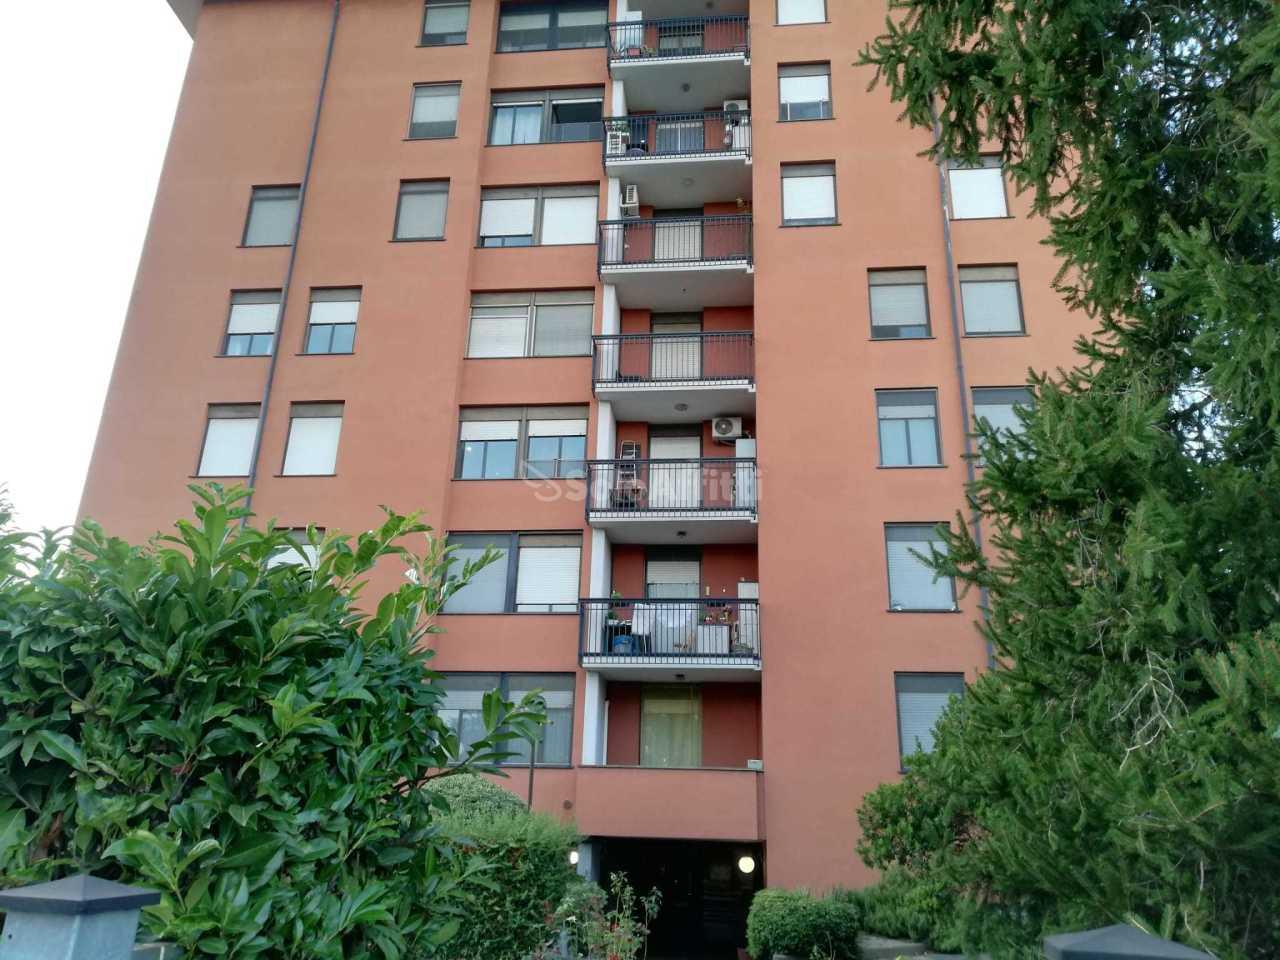 Appartamento in affitto a Moncalieri, 4 locali, prezzo € 520 | PortaleAgenzieImmobiliari.it